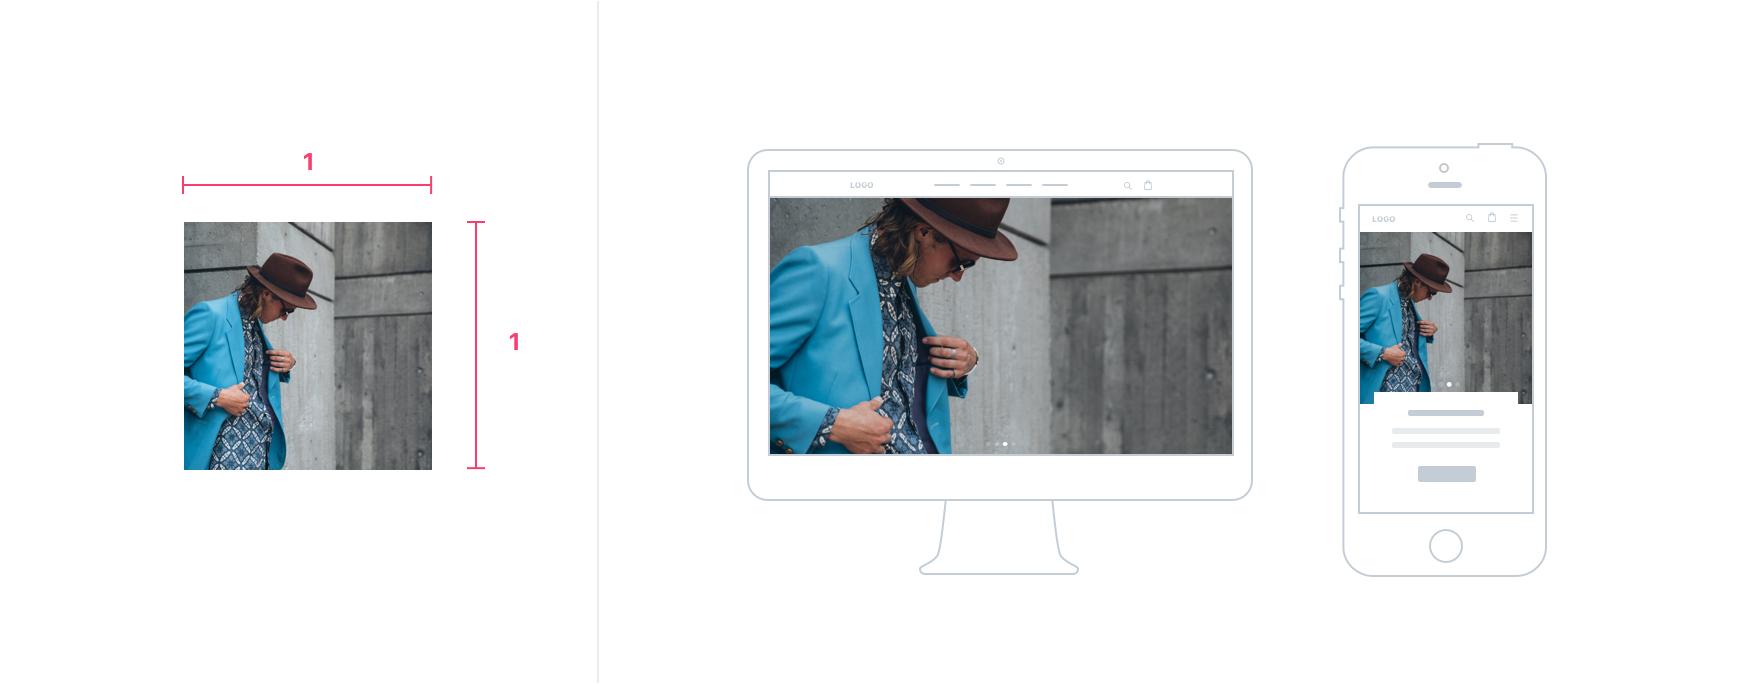 Una diapositiva cuadrada vista en un escritorio y dispositivo móvil. La imagen se recorta en el dispositivo de escritorio, pero no se recorta en el dispositivo móvil.